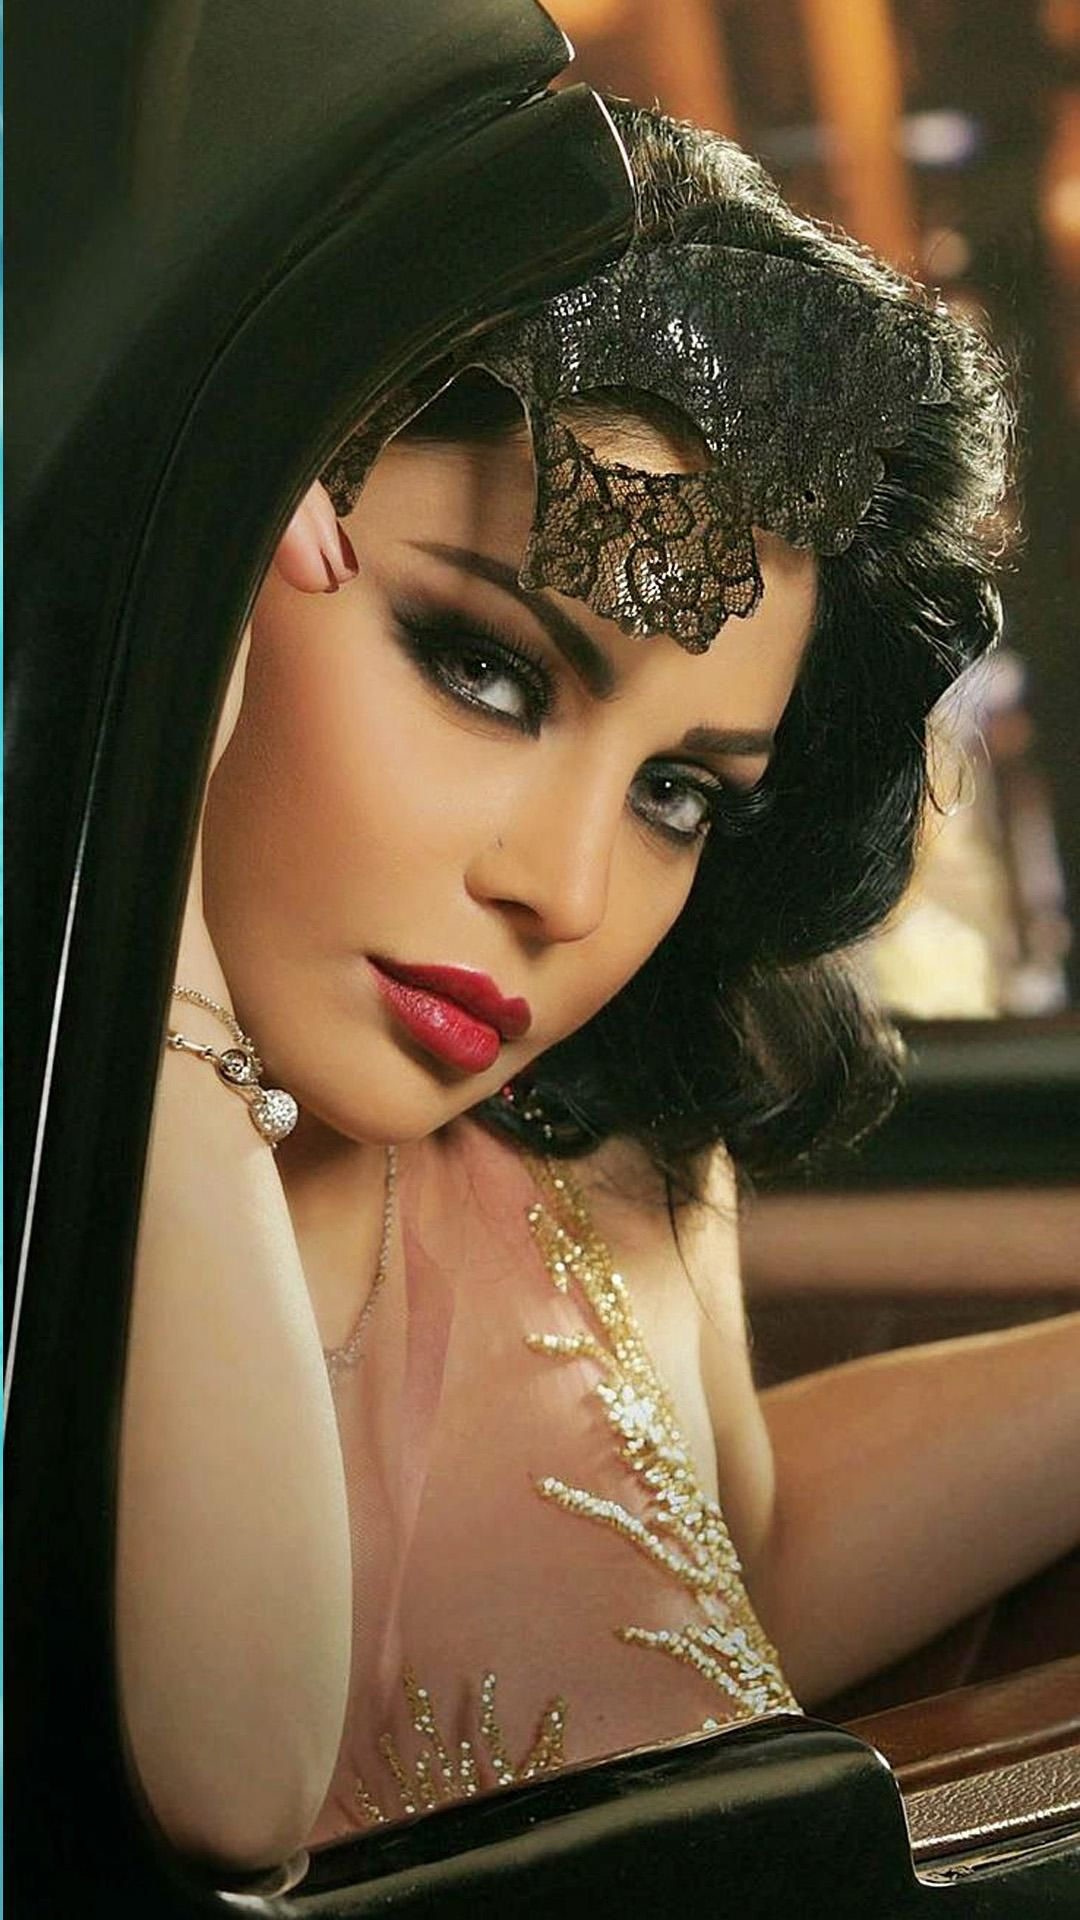 Pin By Frank On Phone Wallpaper Haifa Wehbe Beauty Arab Beauty